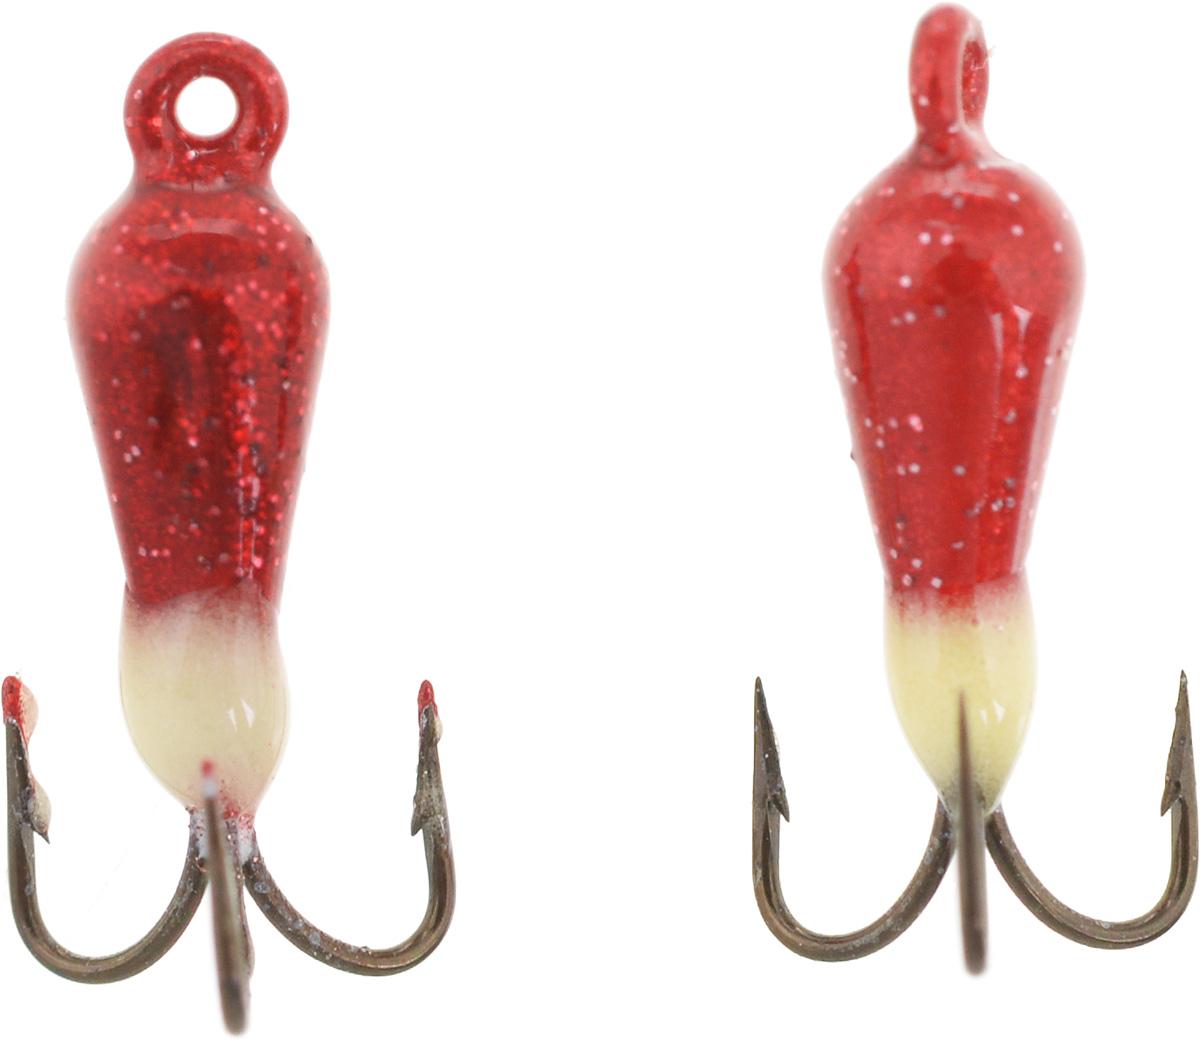 Чертик вольфрамовый Finnex, цвет: рубиновый, белый, 0,38 г, 2 шт57576Вольфрамовый чертик Finnex - одна из самых популярных приманок для ловли леща, плотвы и другой белой рыбы. Особенно хорошо работает приманка на всевозможных водохранилищах. Не пропустит ее и другая рыба, в том числе окунь, судак и щука.